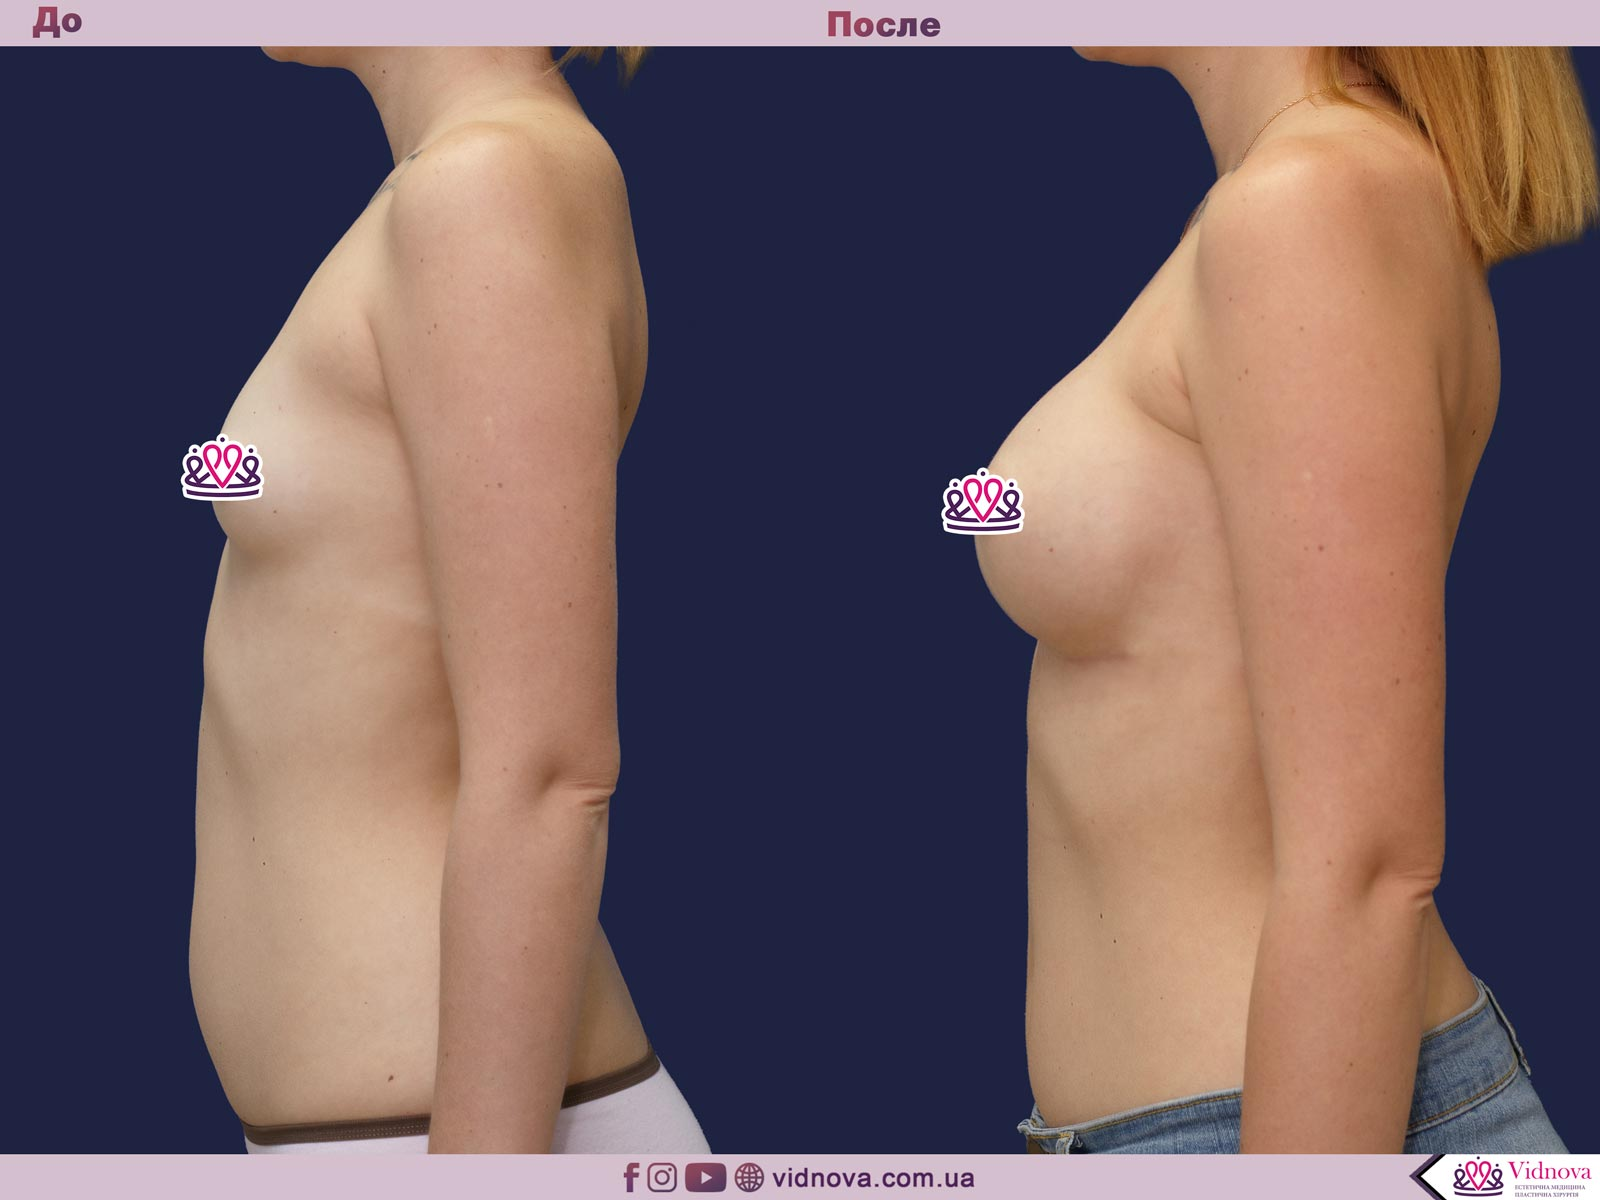 Пластика груди: результаты до и после - Пример №41-2 - Светлана Работенко